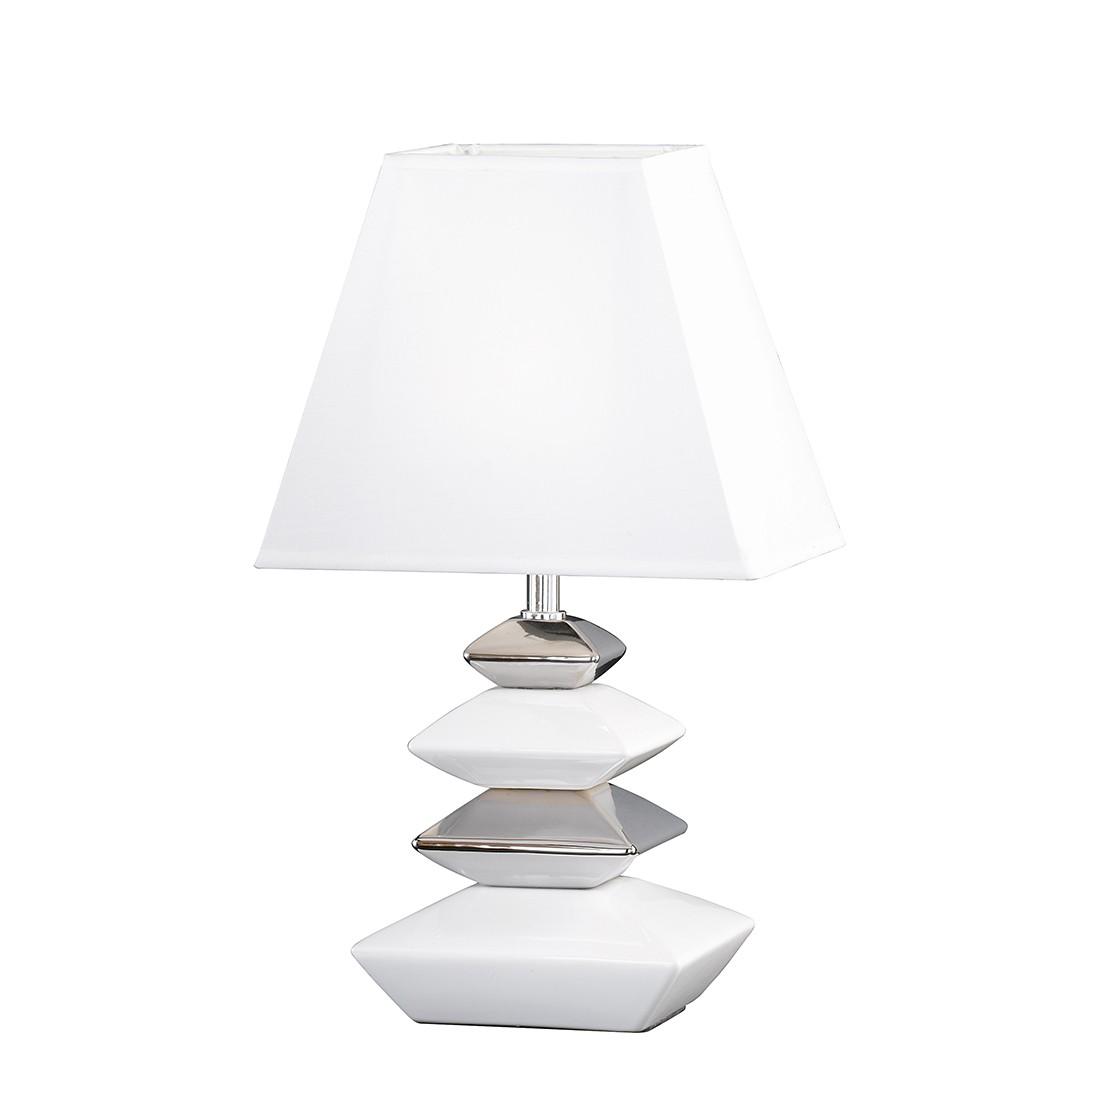 energie  A++, Tafellamp Sophie - keramiek - zilverkleurig - 1 lichtbron, Honsel